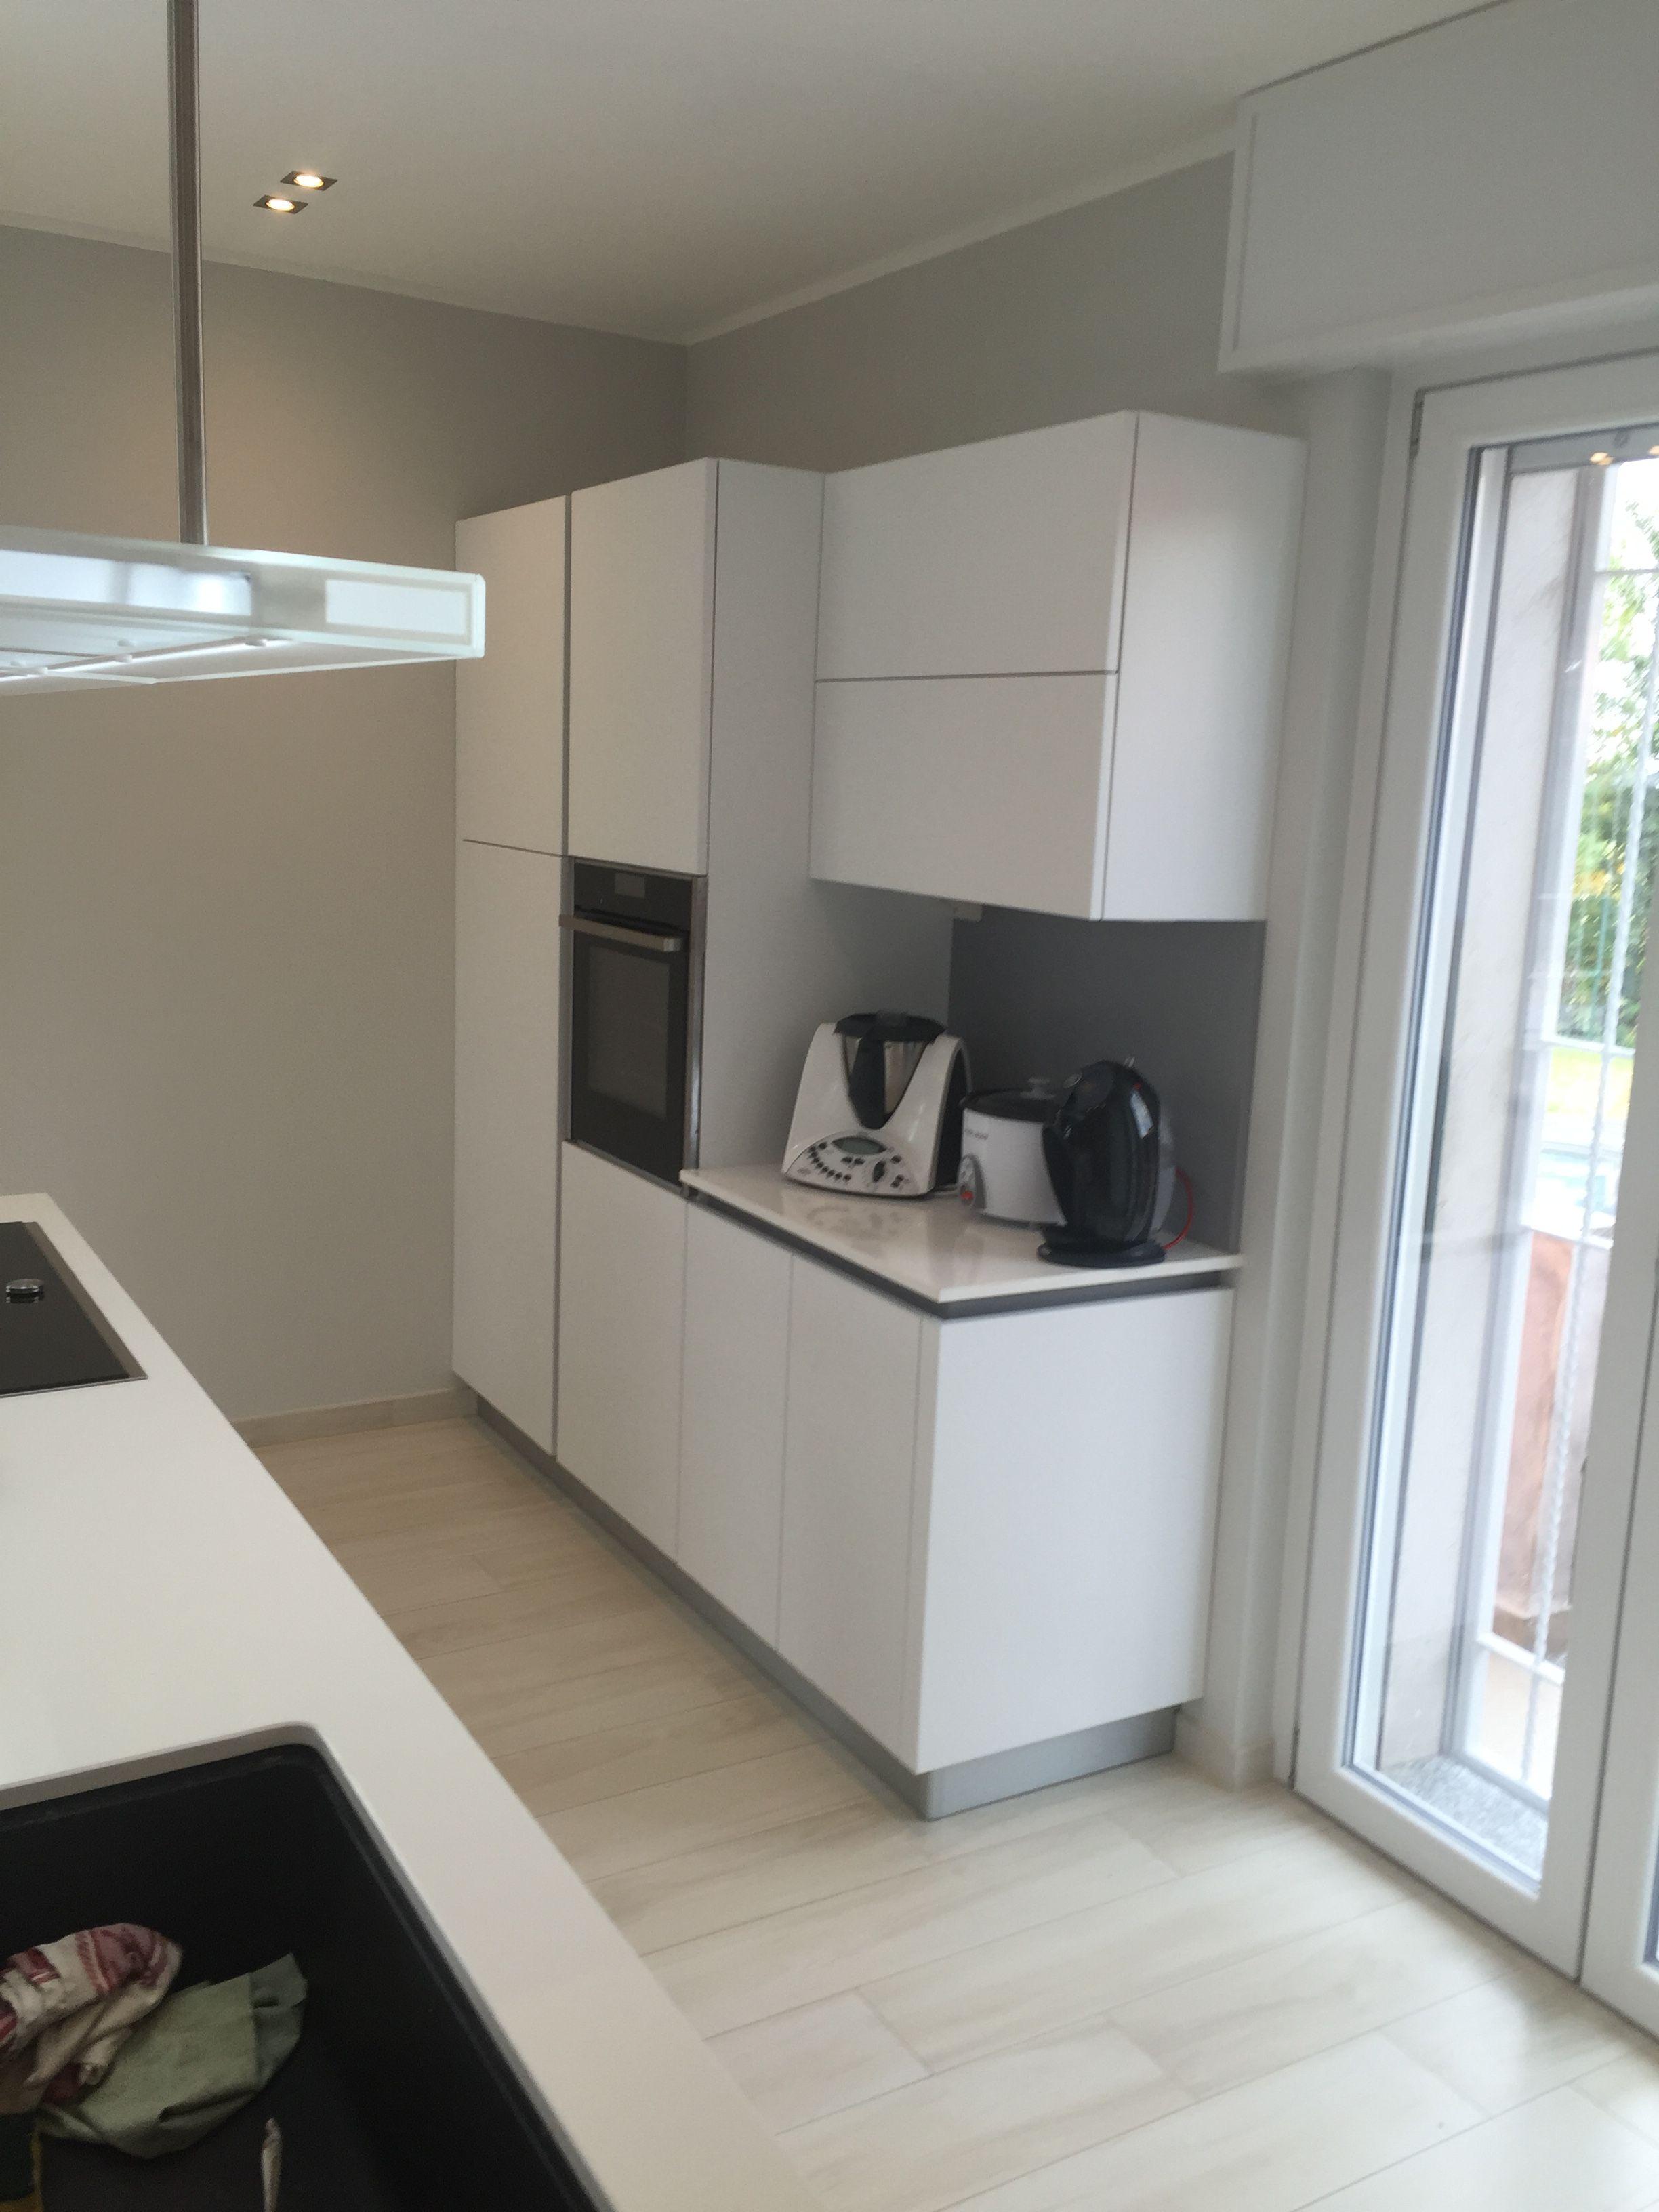 Cucina moderna in acrilico bianco con isola, dettaglio ...